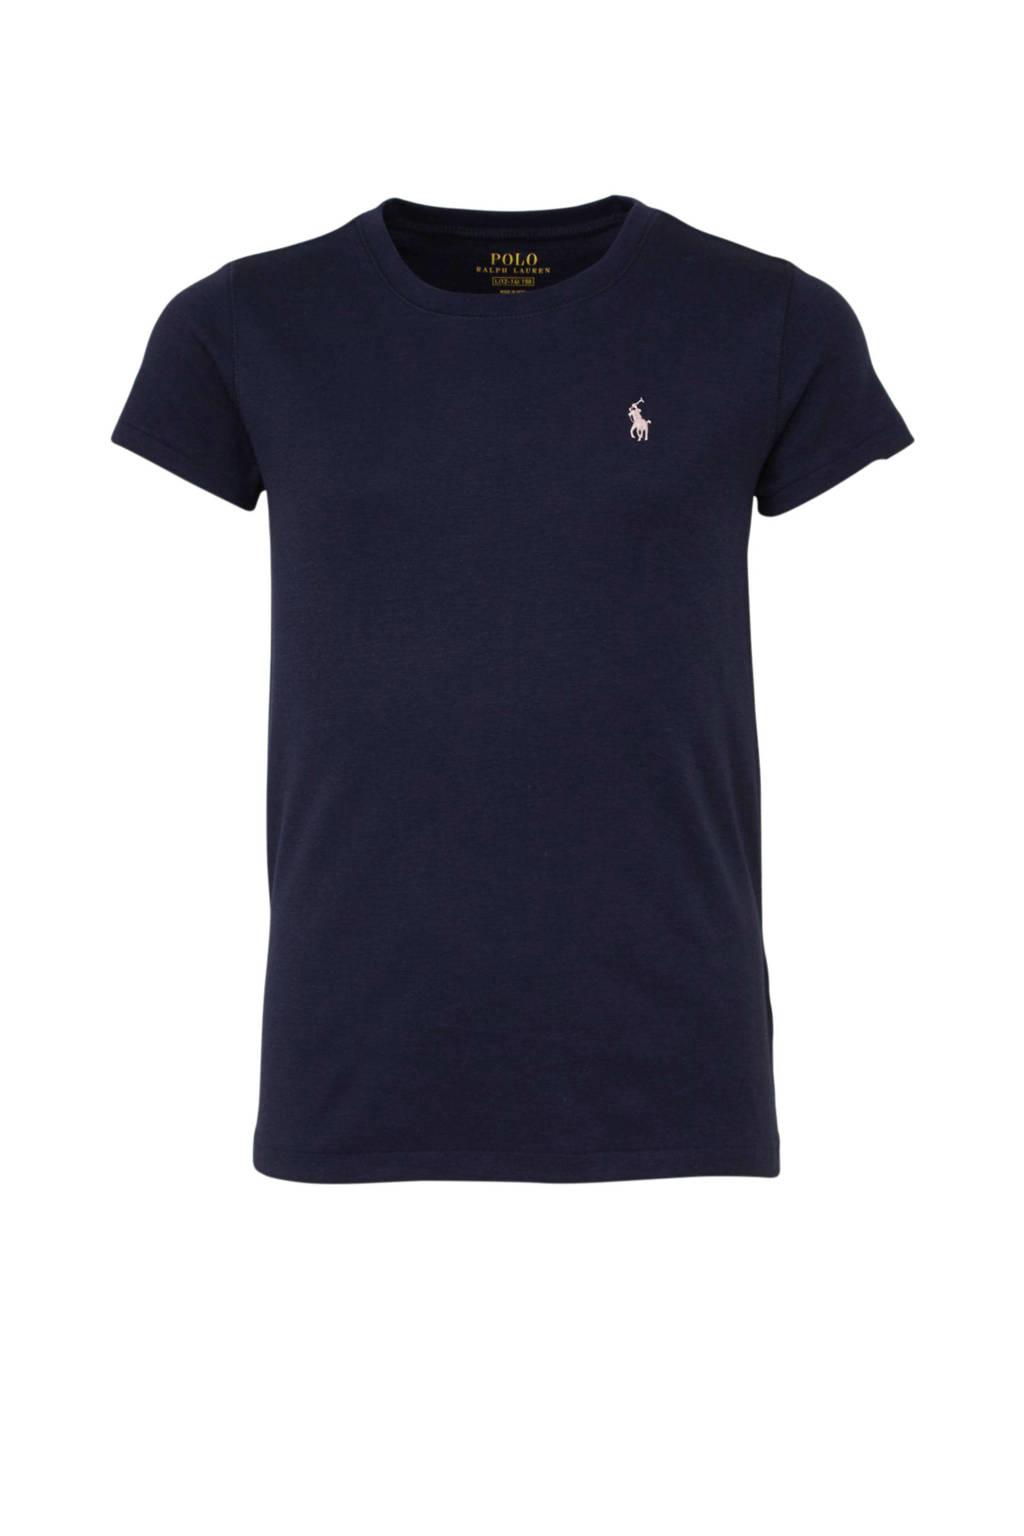 POLO Ralph Lauren T-shirt met logo en borduursels donkerblauw/lichtroze, Donkerblauw/lichtroze